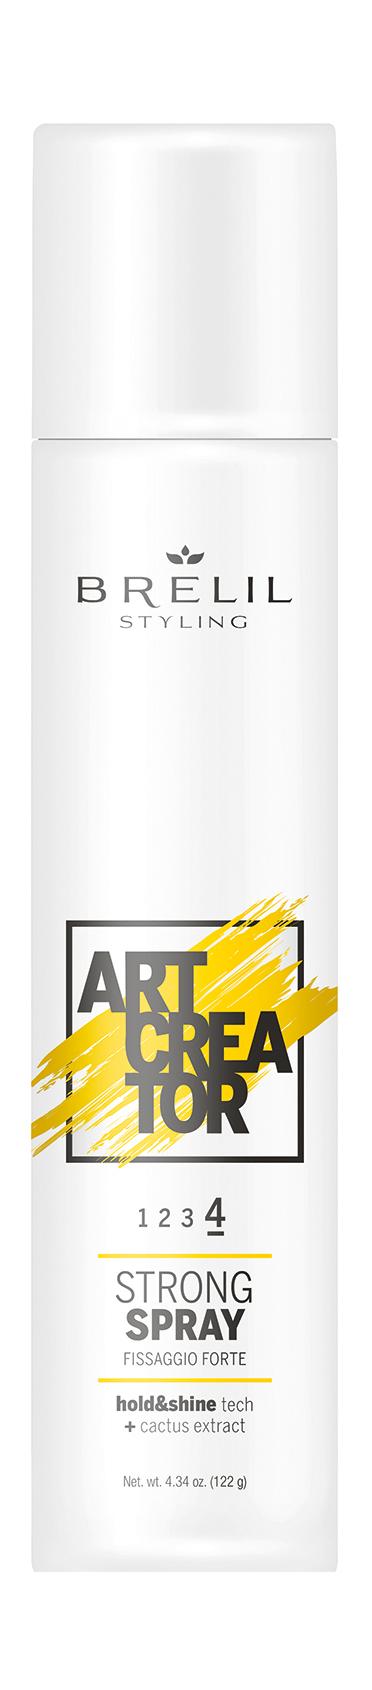 Купить Спрей для волос Brelil ART CREATOR сильной фиксации 300 мл, Brelil professional